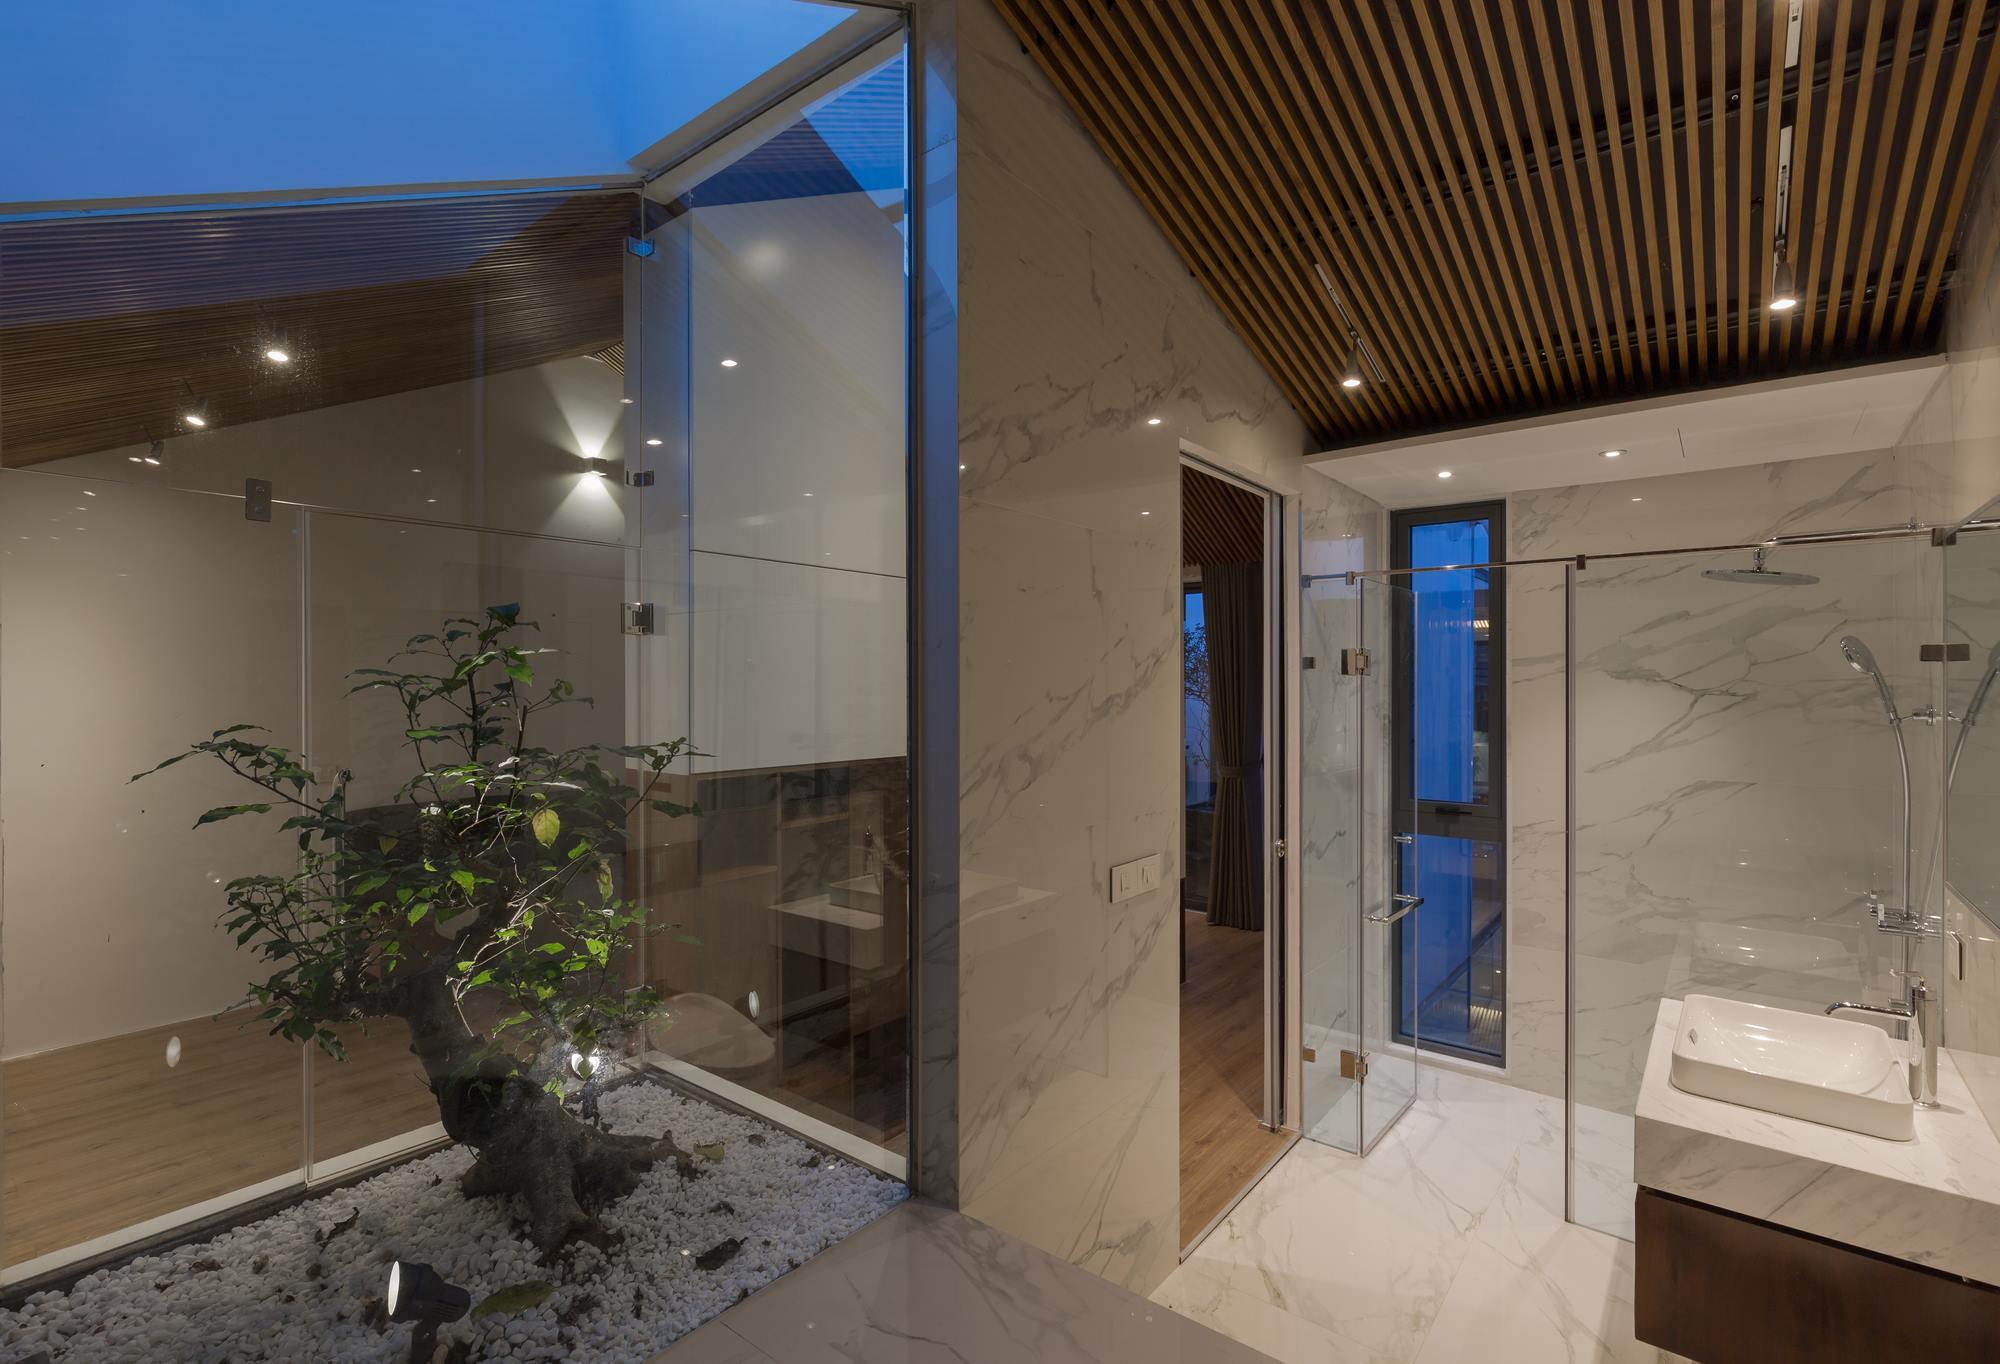 Những phòng tắm diện tích lớn, thiết kế hiện đại tuyệt đối không nên bỏ qua gạch màu trắng bóng có họa tiết vân đá tự nhiên.